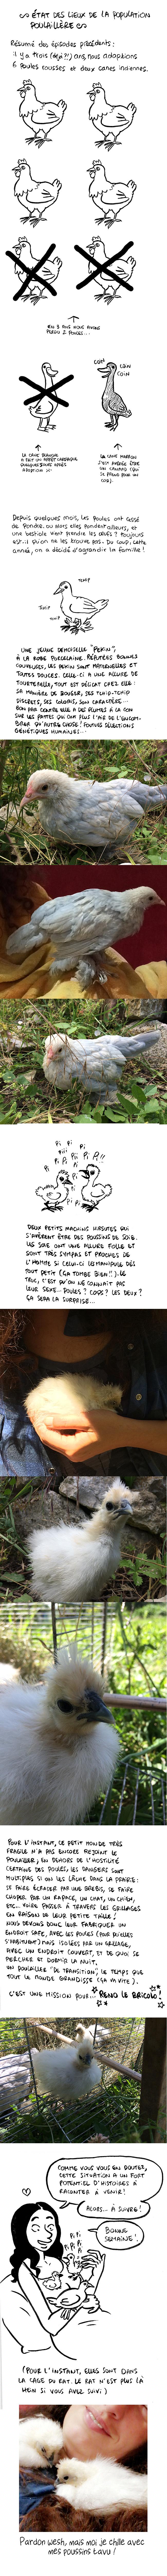 http://melaka.free.fr/blog/poussins.jpg